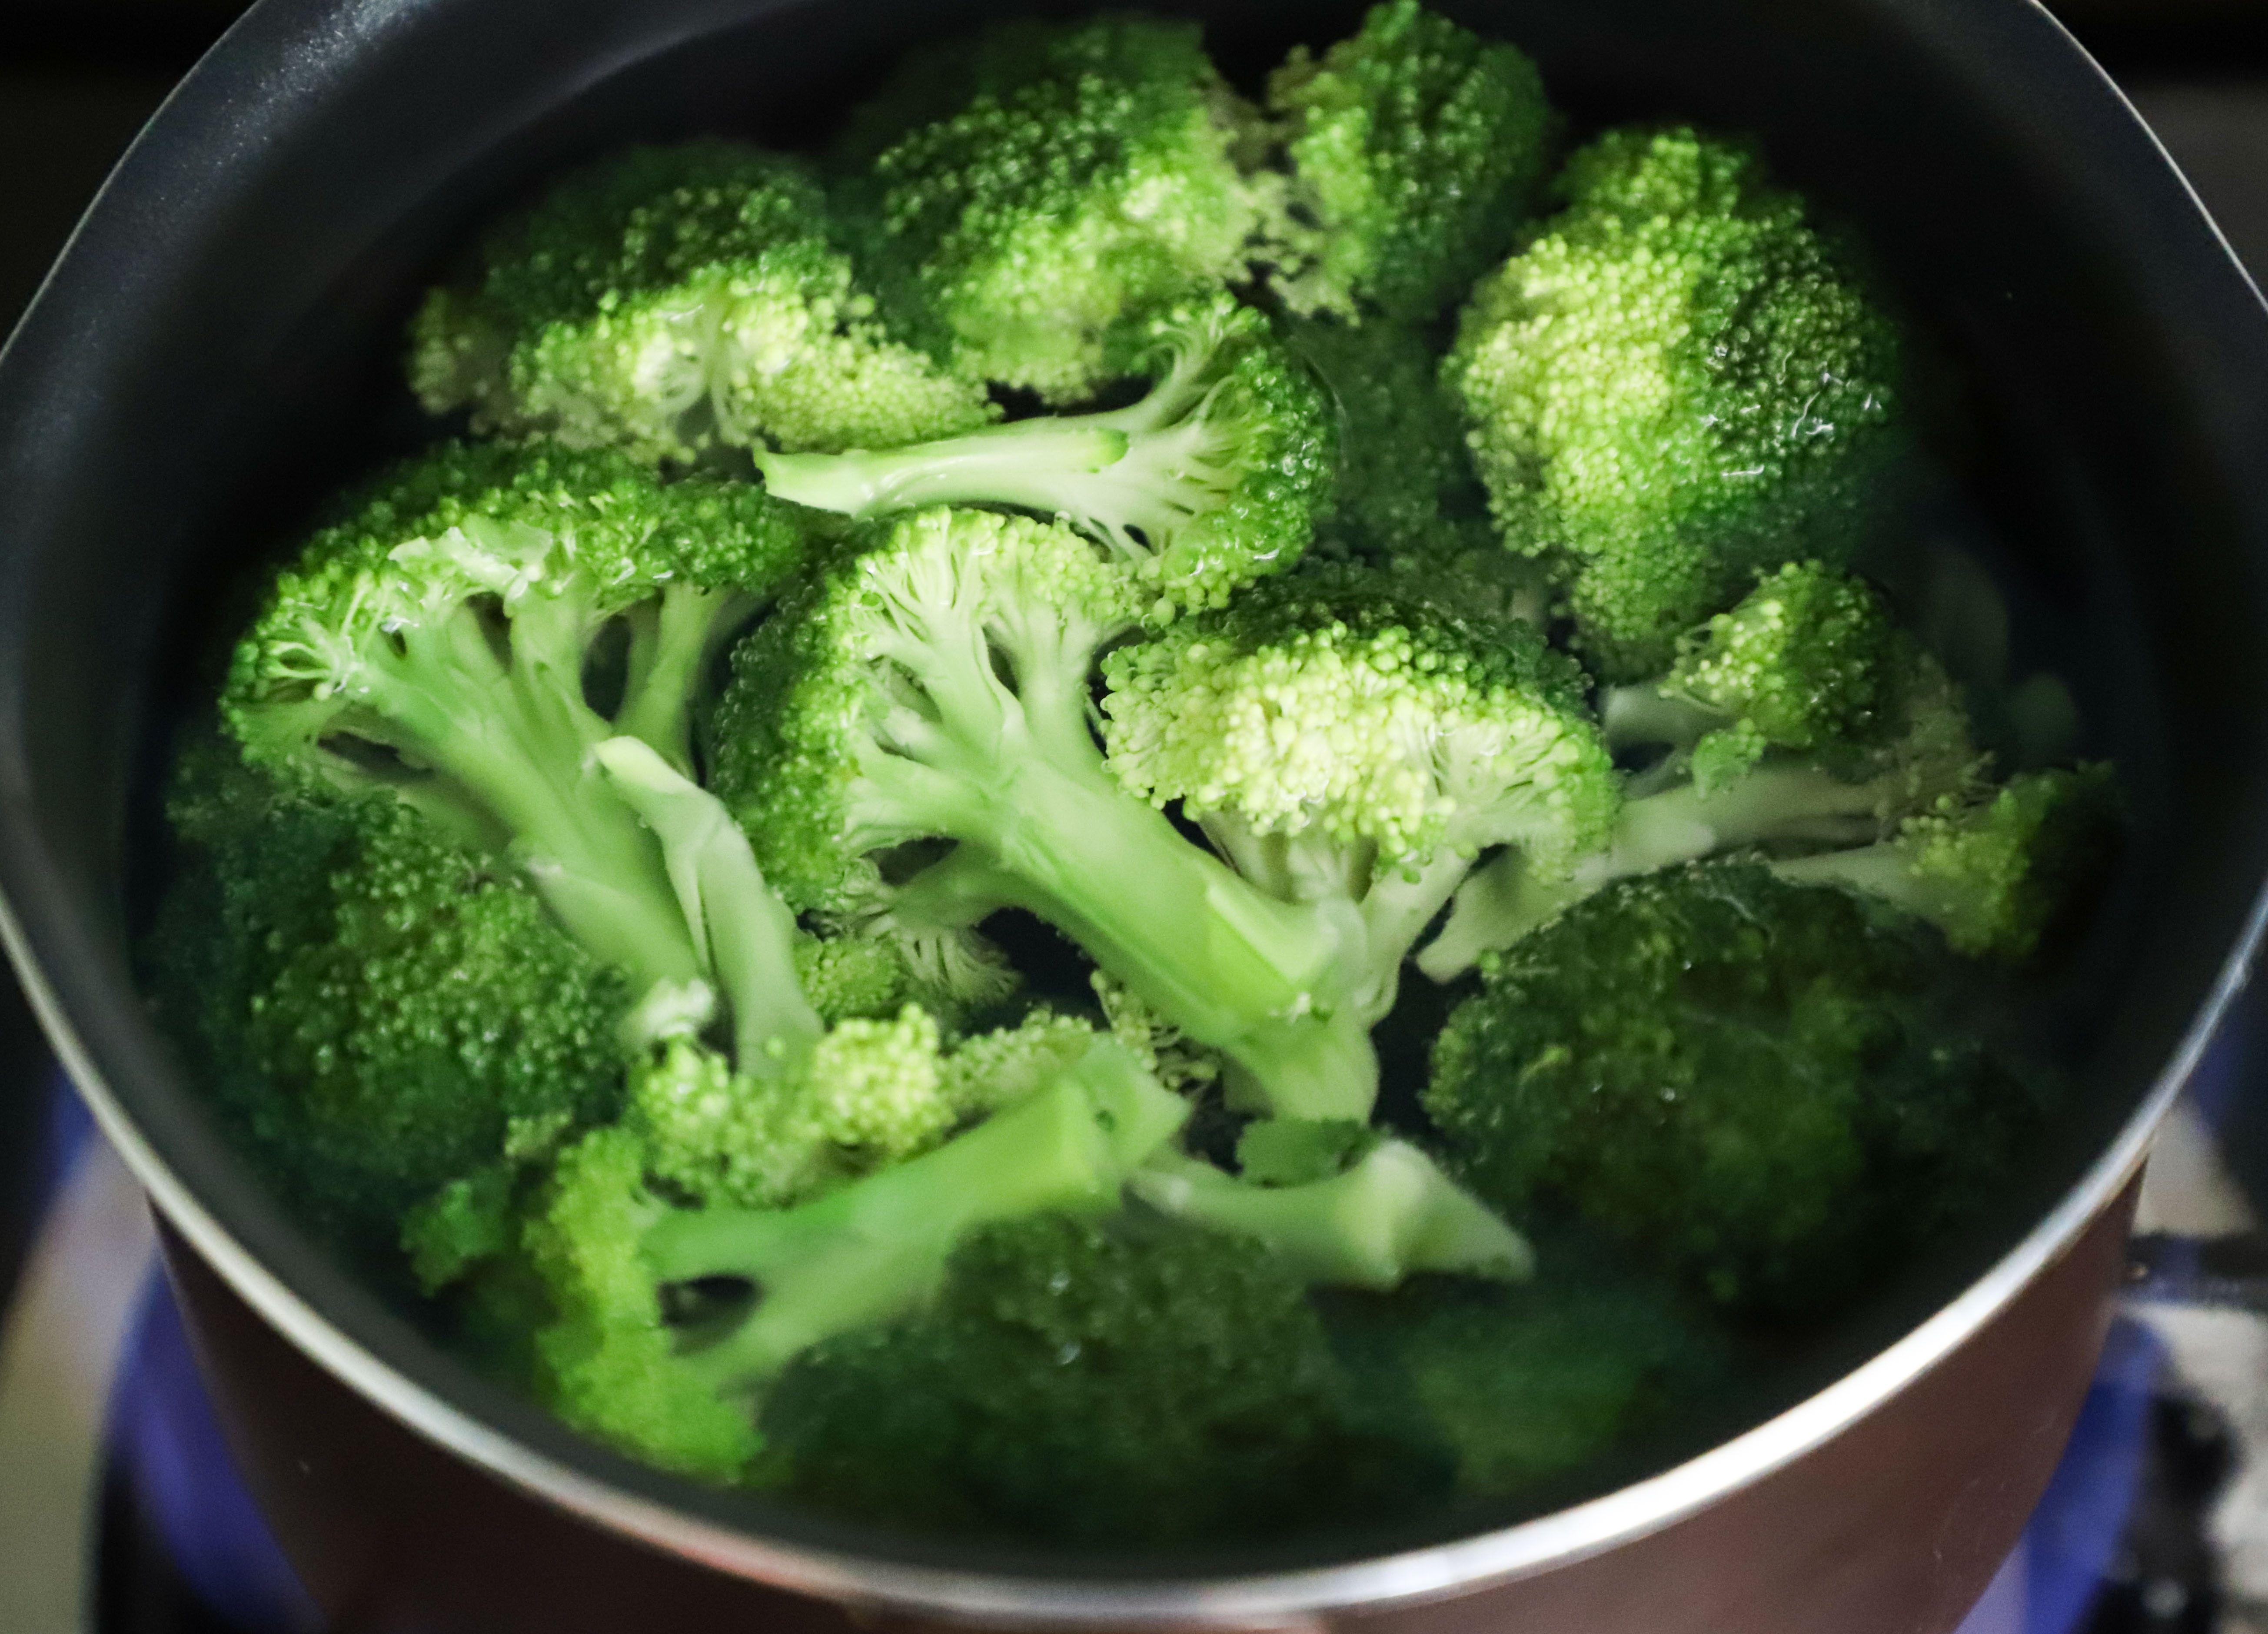 cacerola con brócoli en agua puesta al fuego